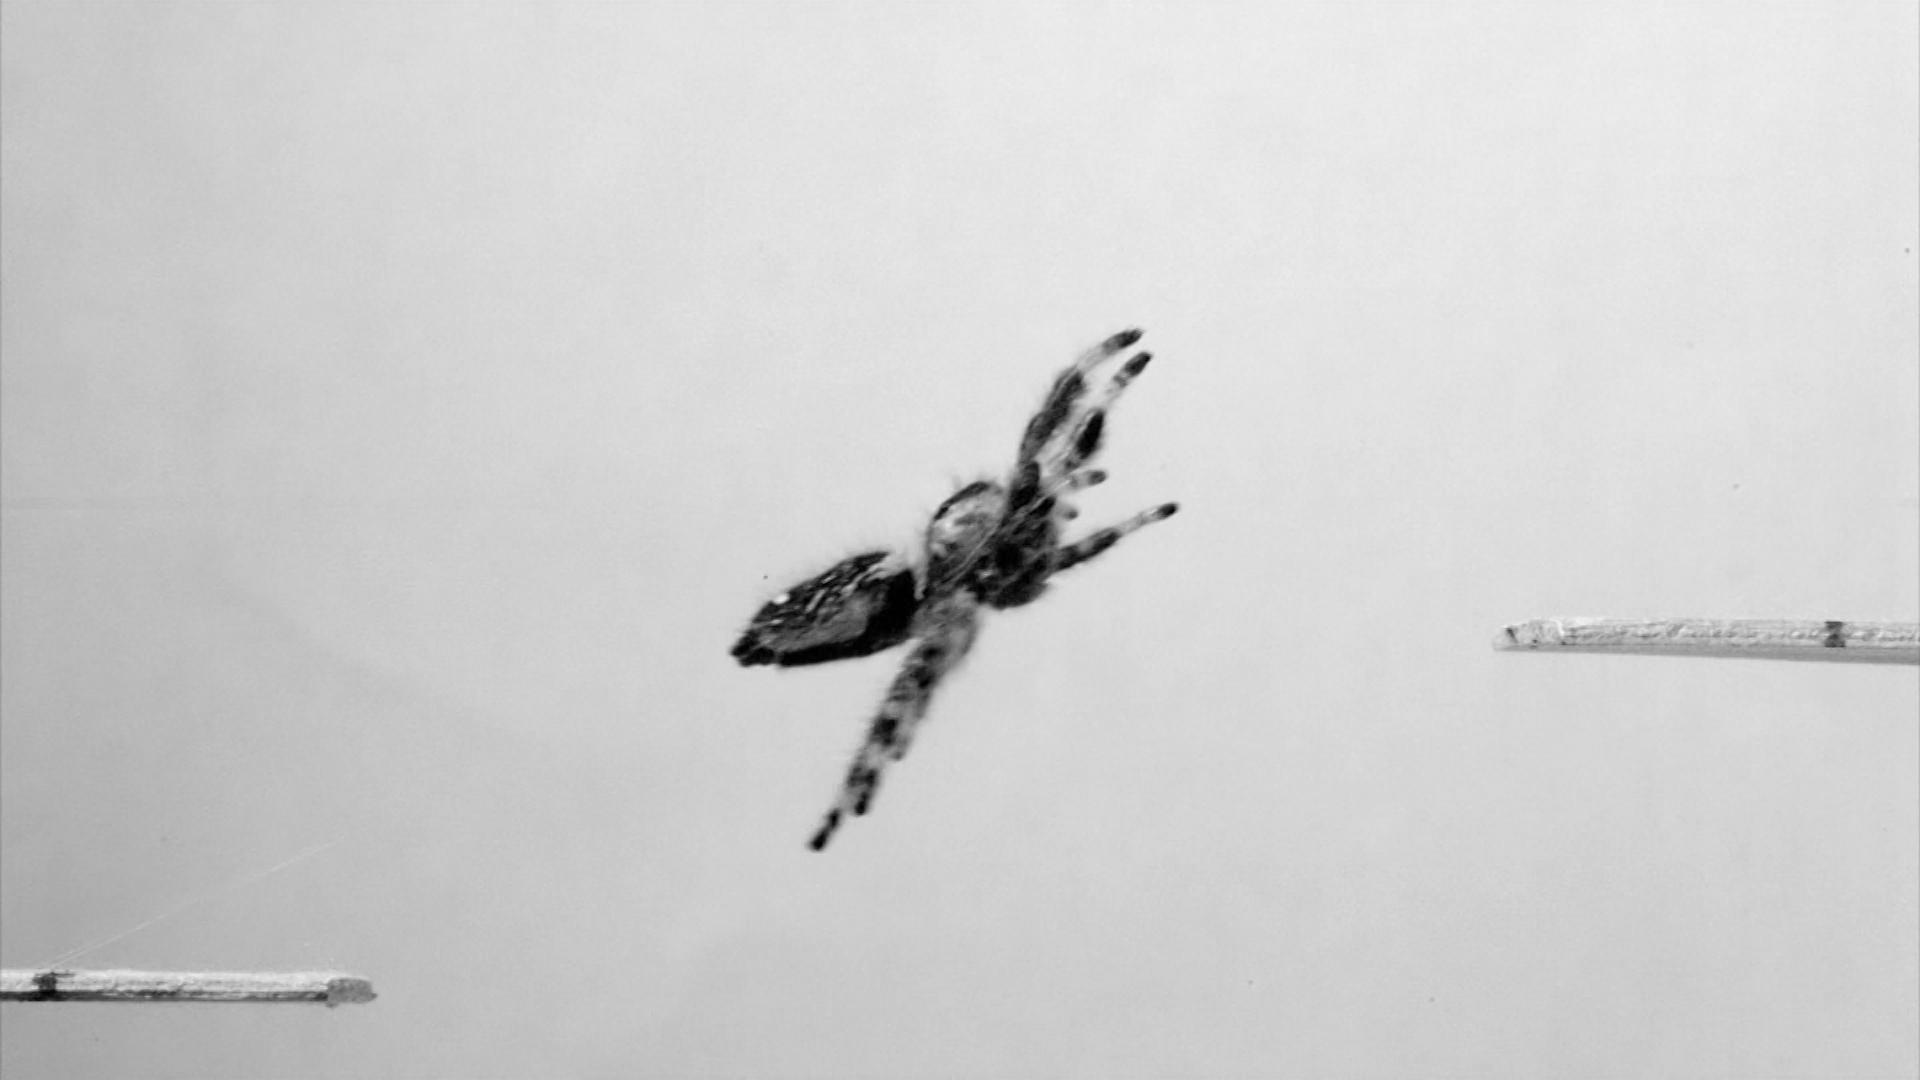 Un equipo de investigadores entrena a una araña para que salte